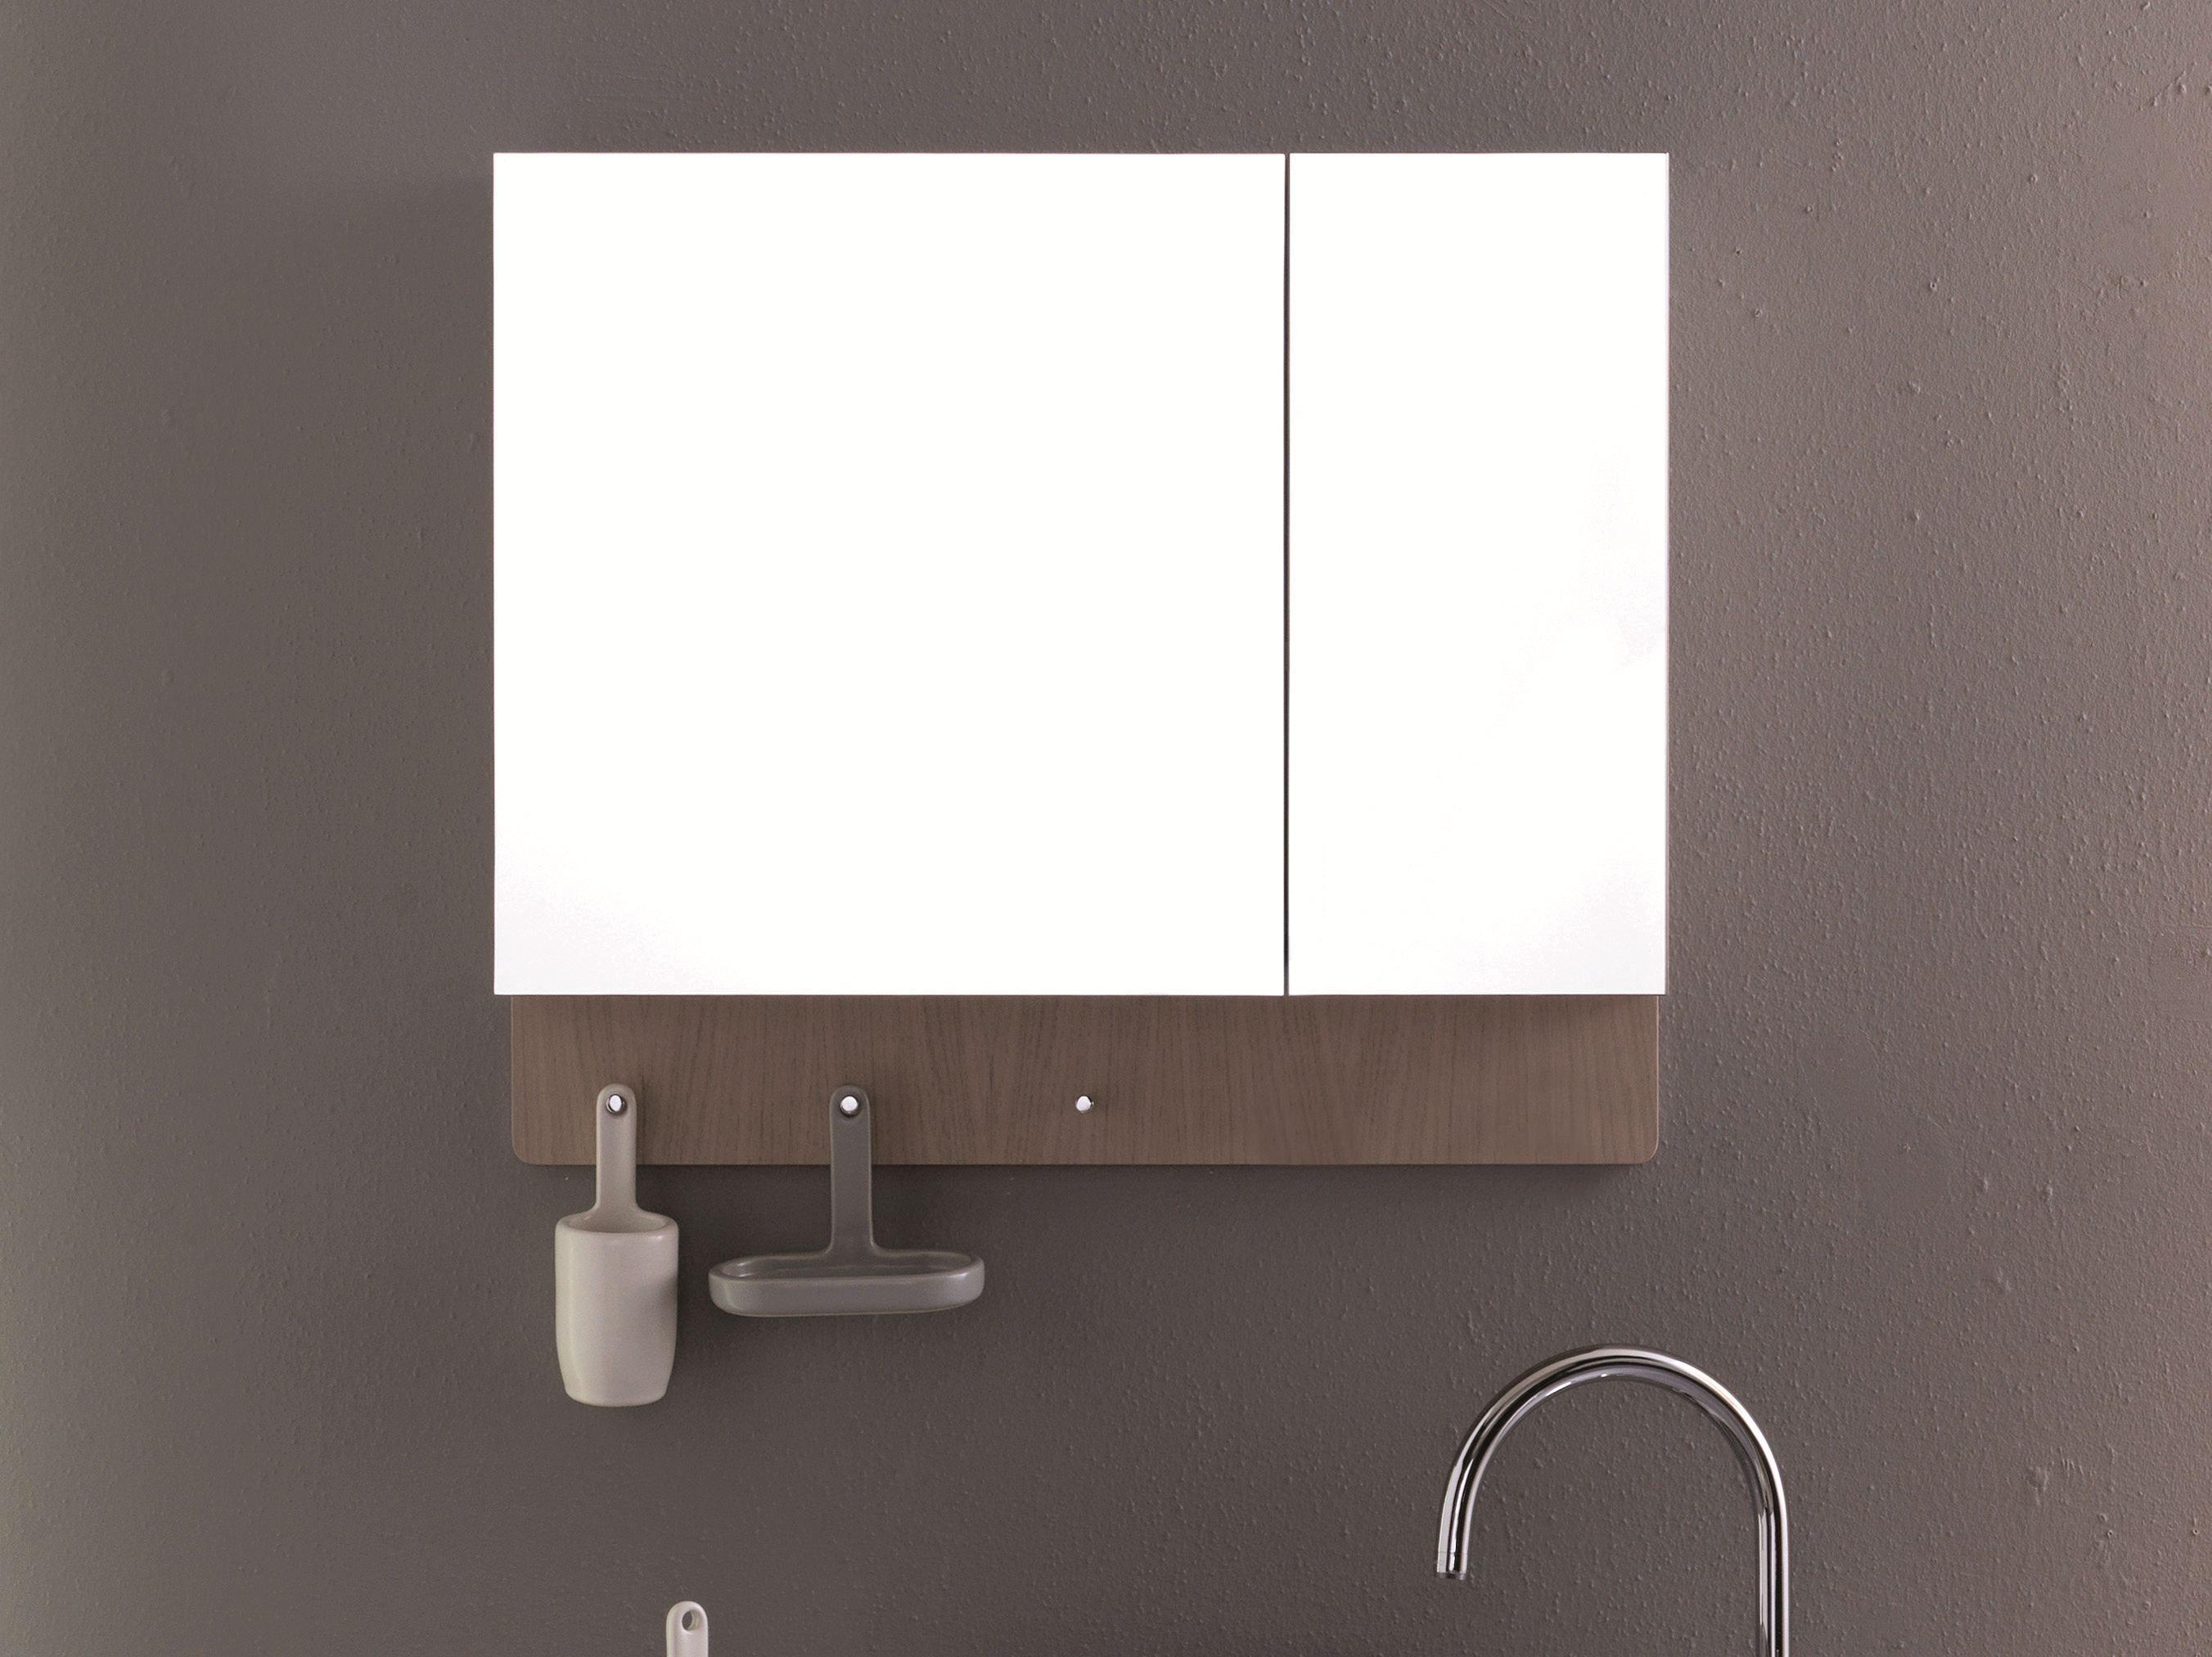 specchi bagno | arredi ed illuminazione per bagno | archiproducts - Specchio Contenitore Per Bagno